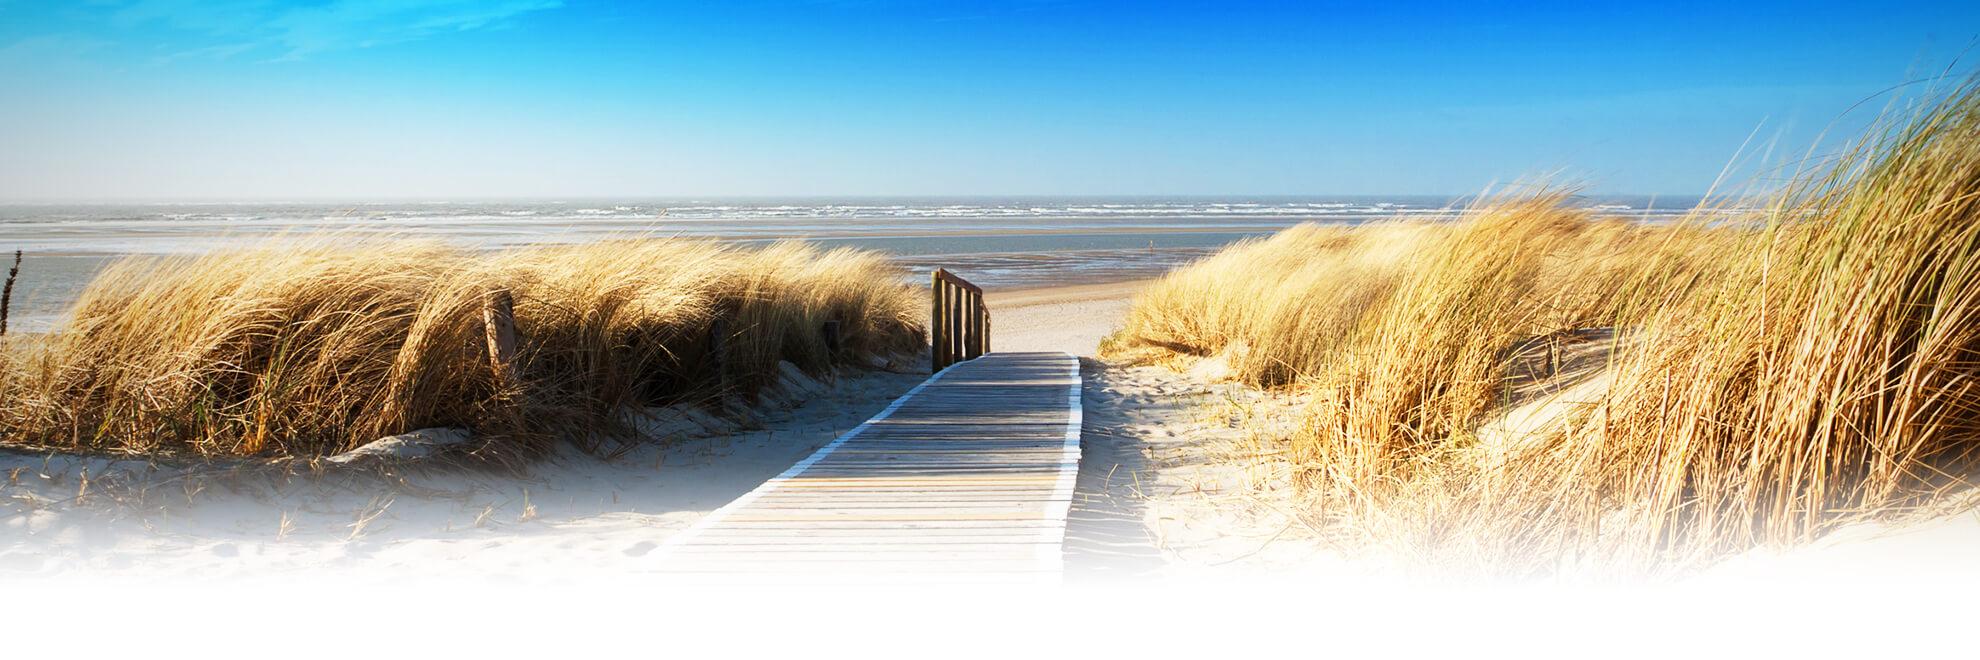 Location vacances dernires minutes en Espagne, sjours semaines